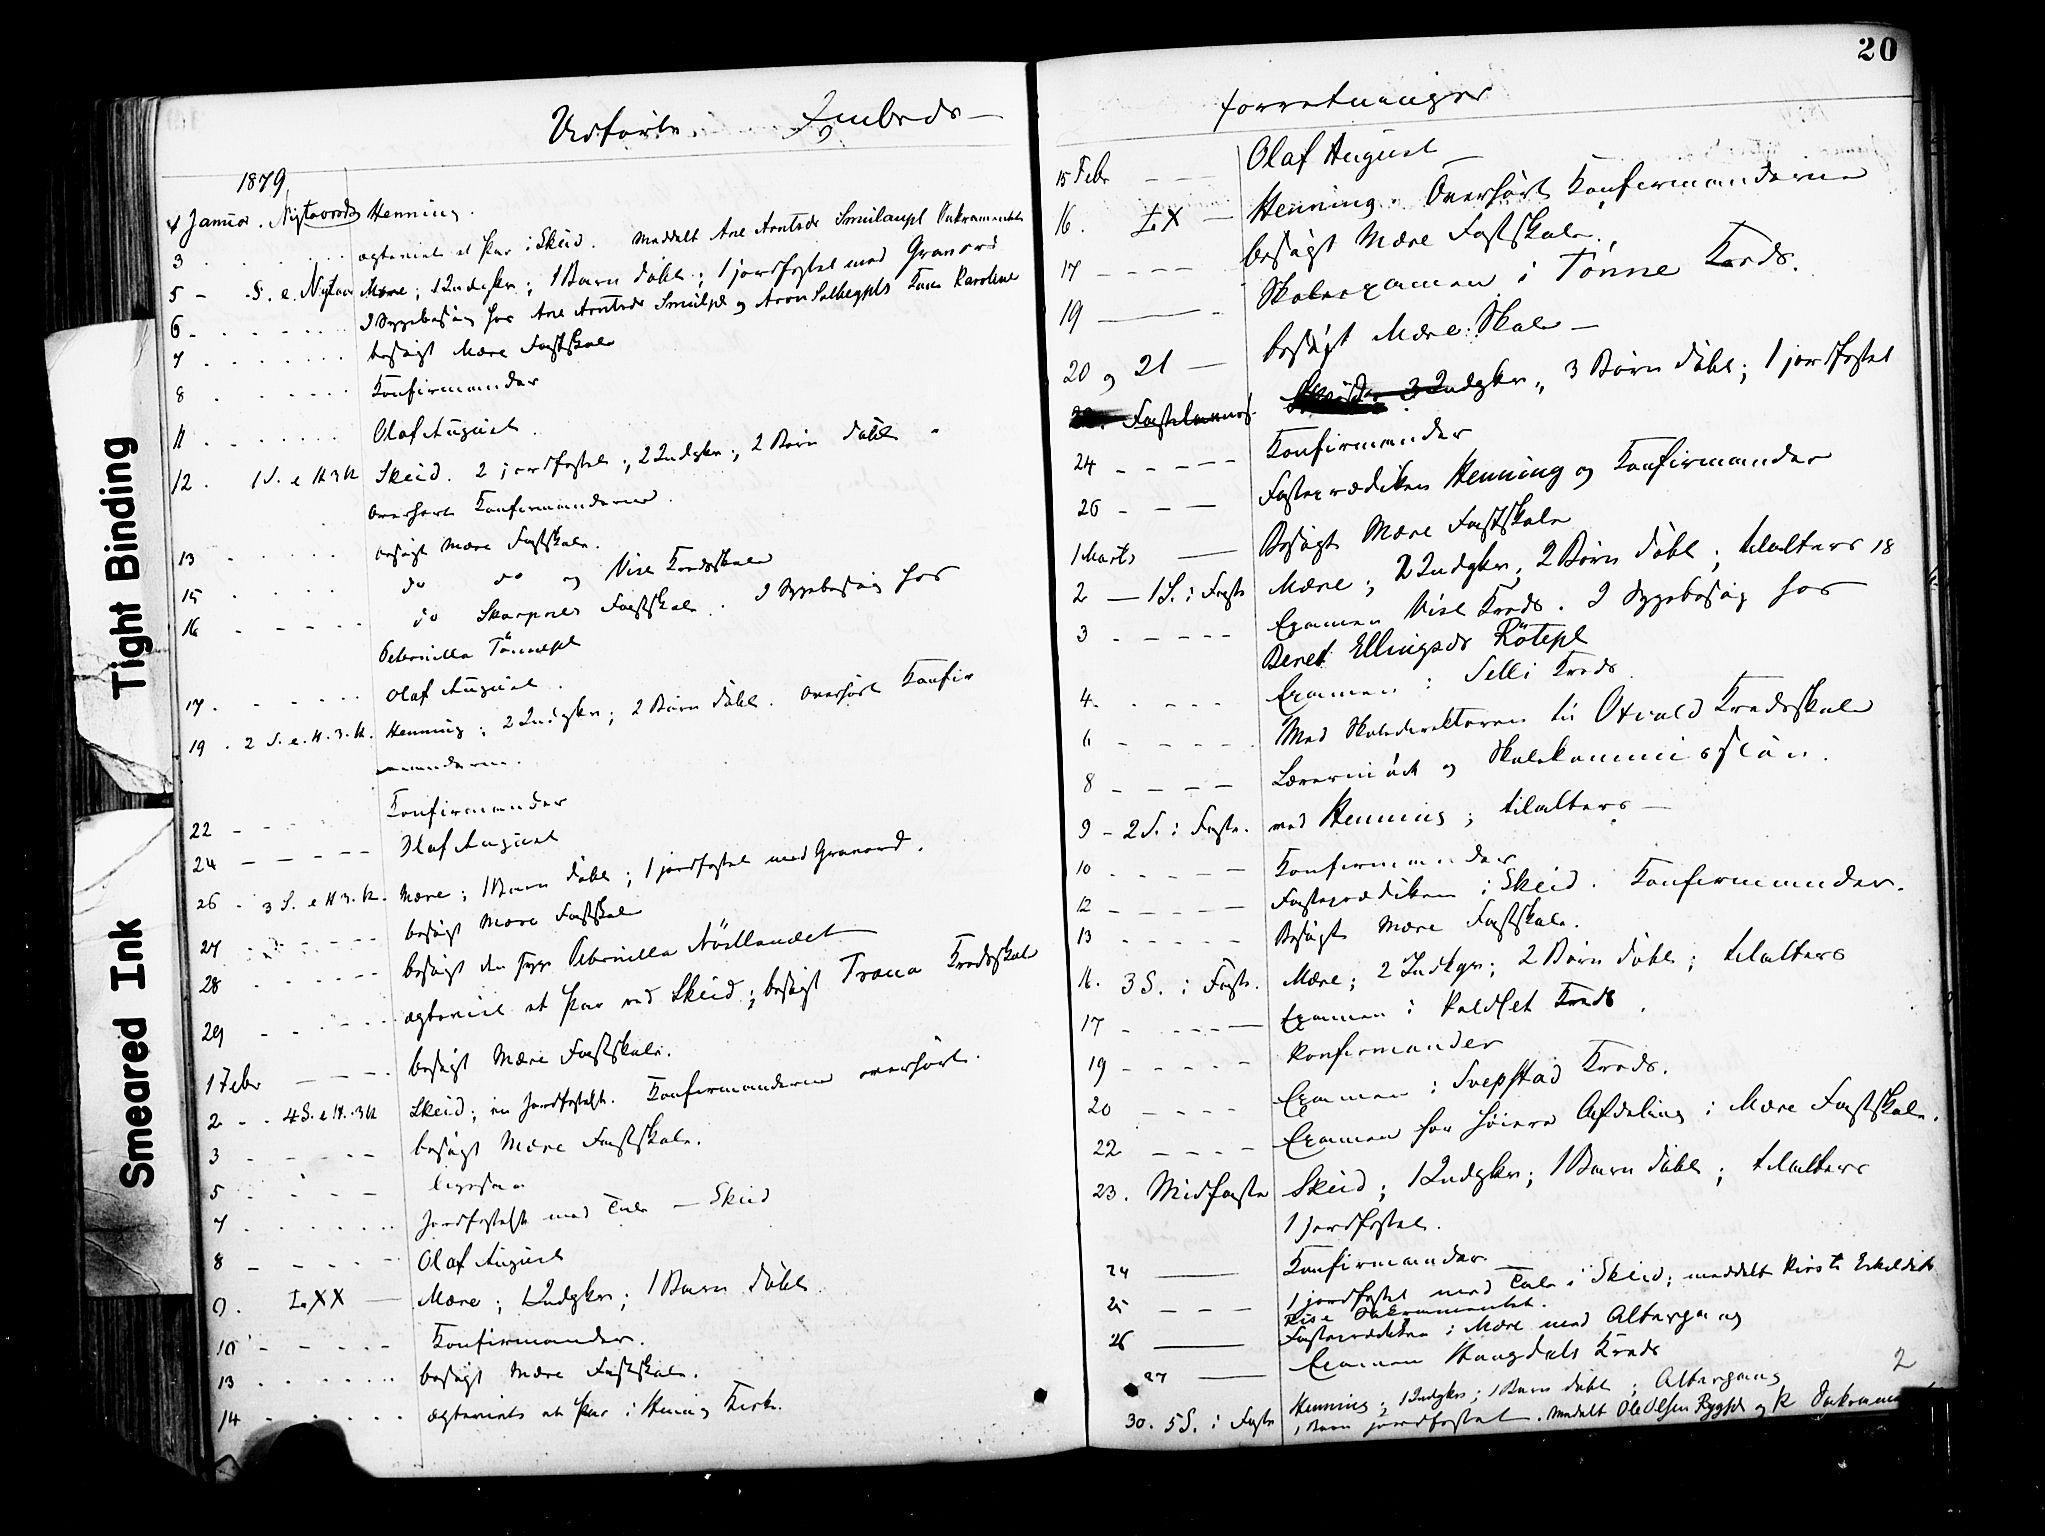 SAT, Ministerialprotokoller, klokkerbøker og fødselsregistre - Nord-Trøndelag, 735/L0348: Ministerialbok nr. 735A09 /1, 1873-1883, s. 20